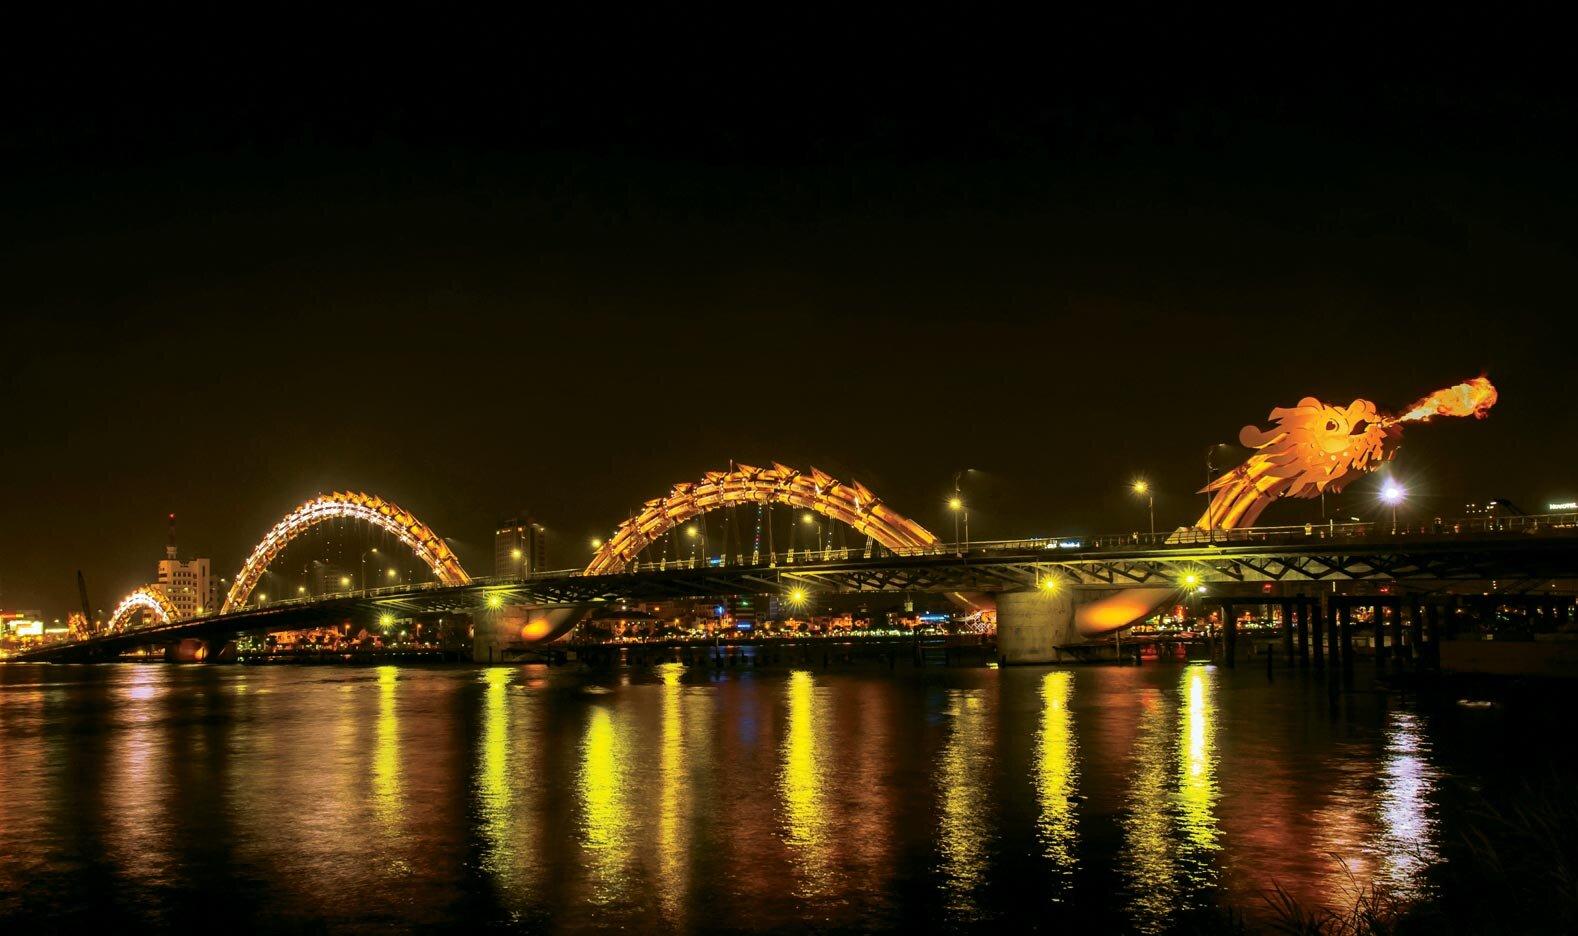 Chia sẻ kinh nghiệm du lịch Đà Nẵng chỉ với 2 triệu đồng